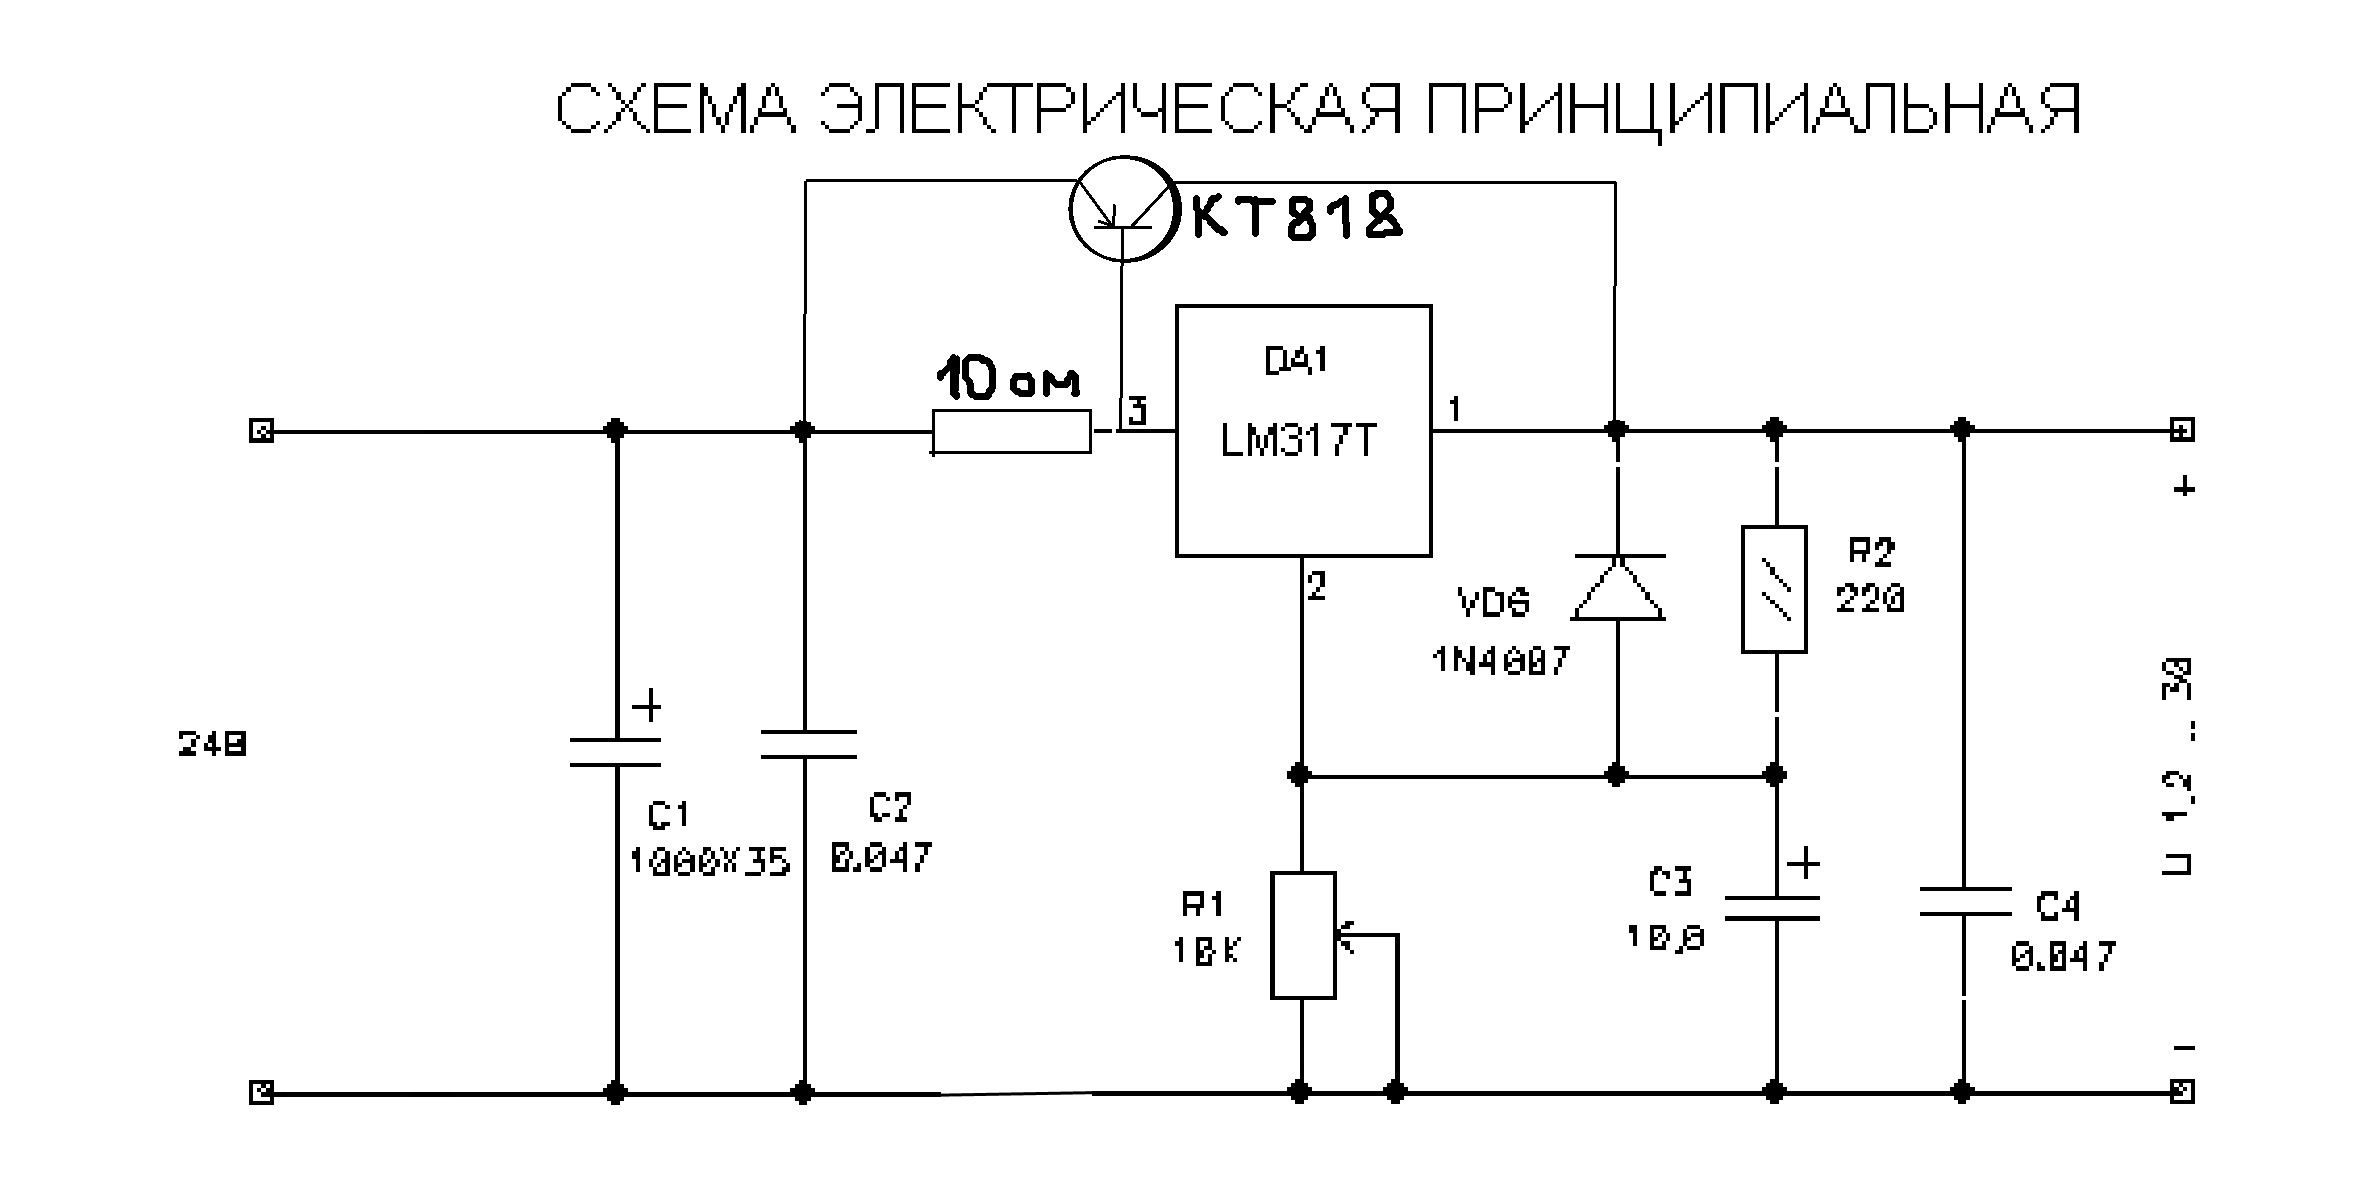 Монтажная схема дистанционного управления